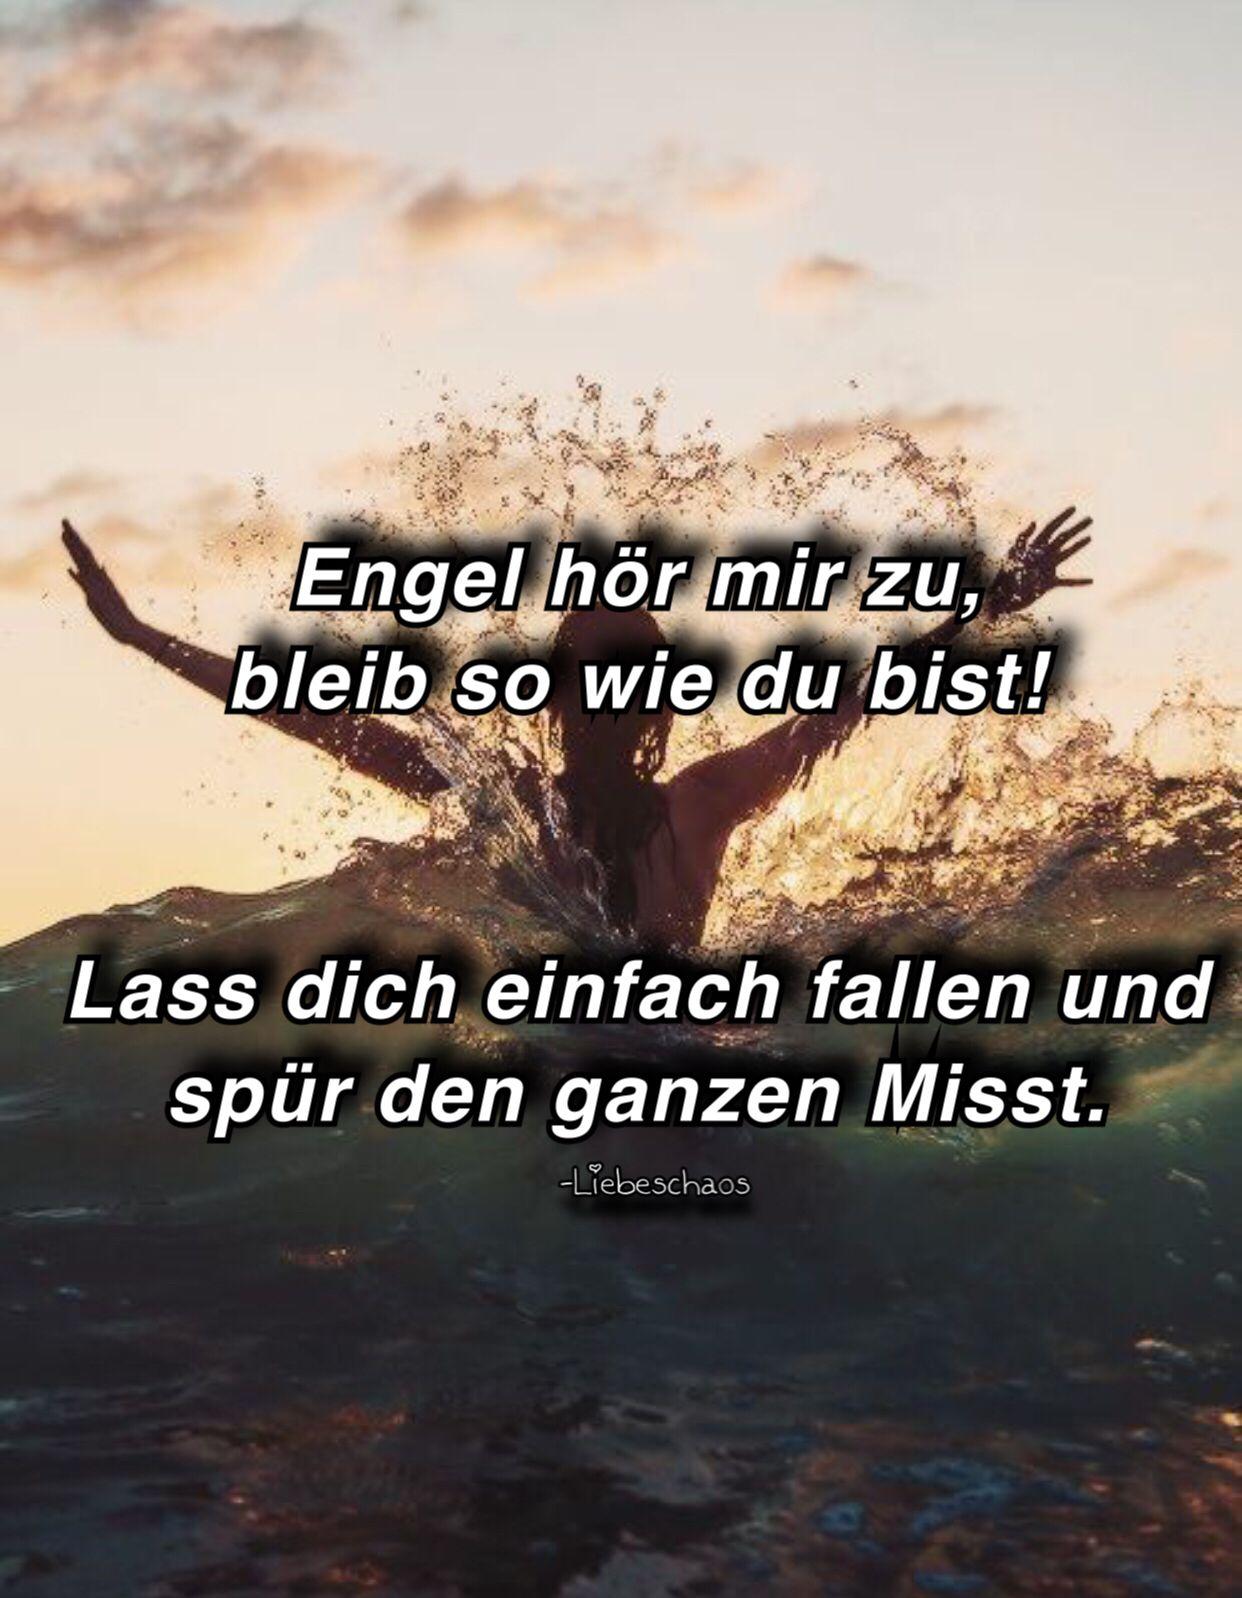 liebe #liebessprüche #liebenswert #liebeskummer #liebesbotschaft